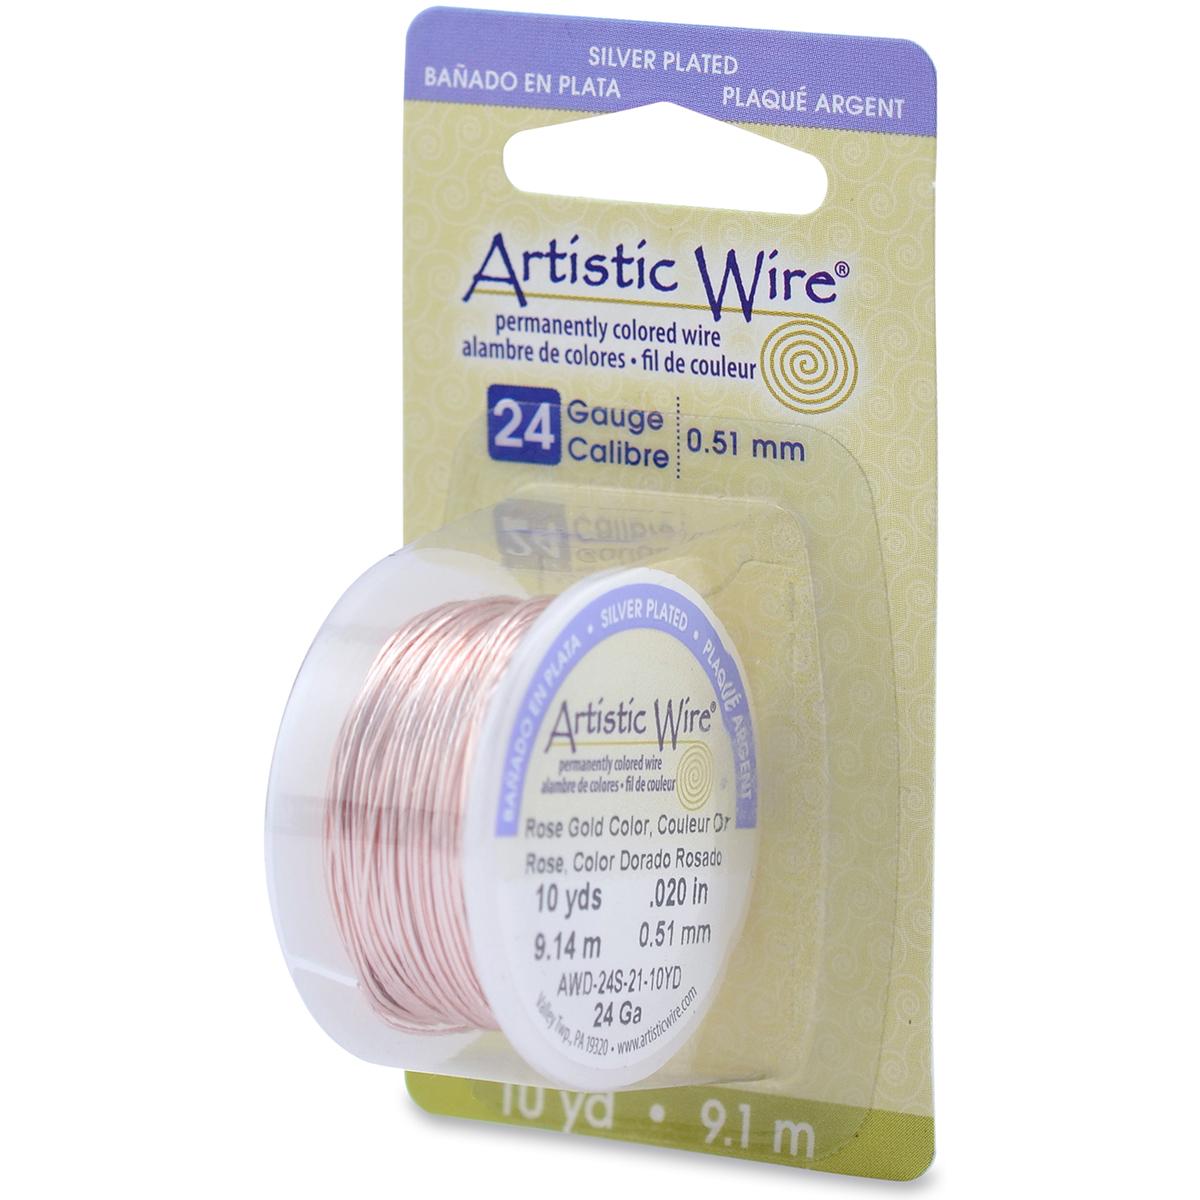 Artistic Wire 24 Gauge Copper Wire 10yd Joann